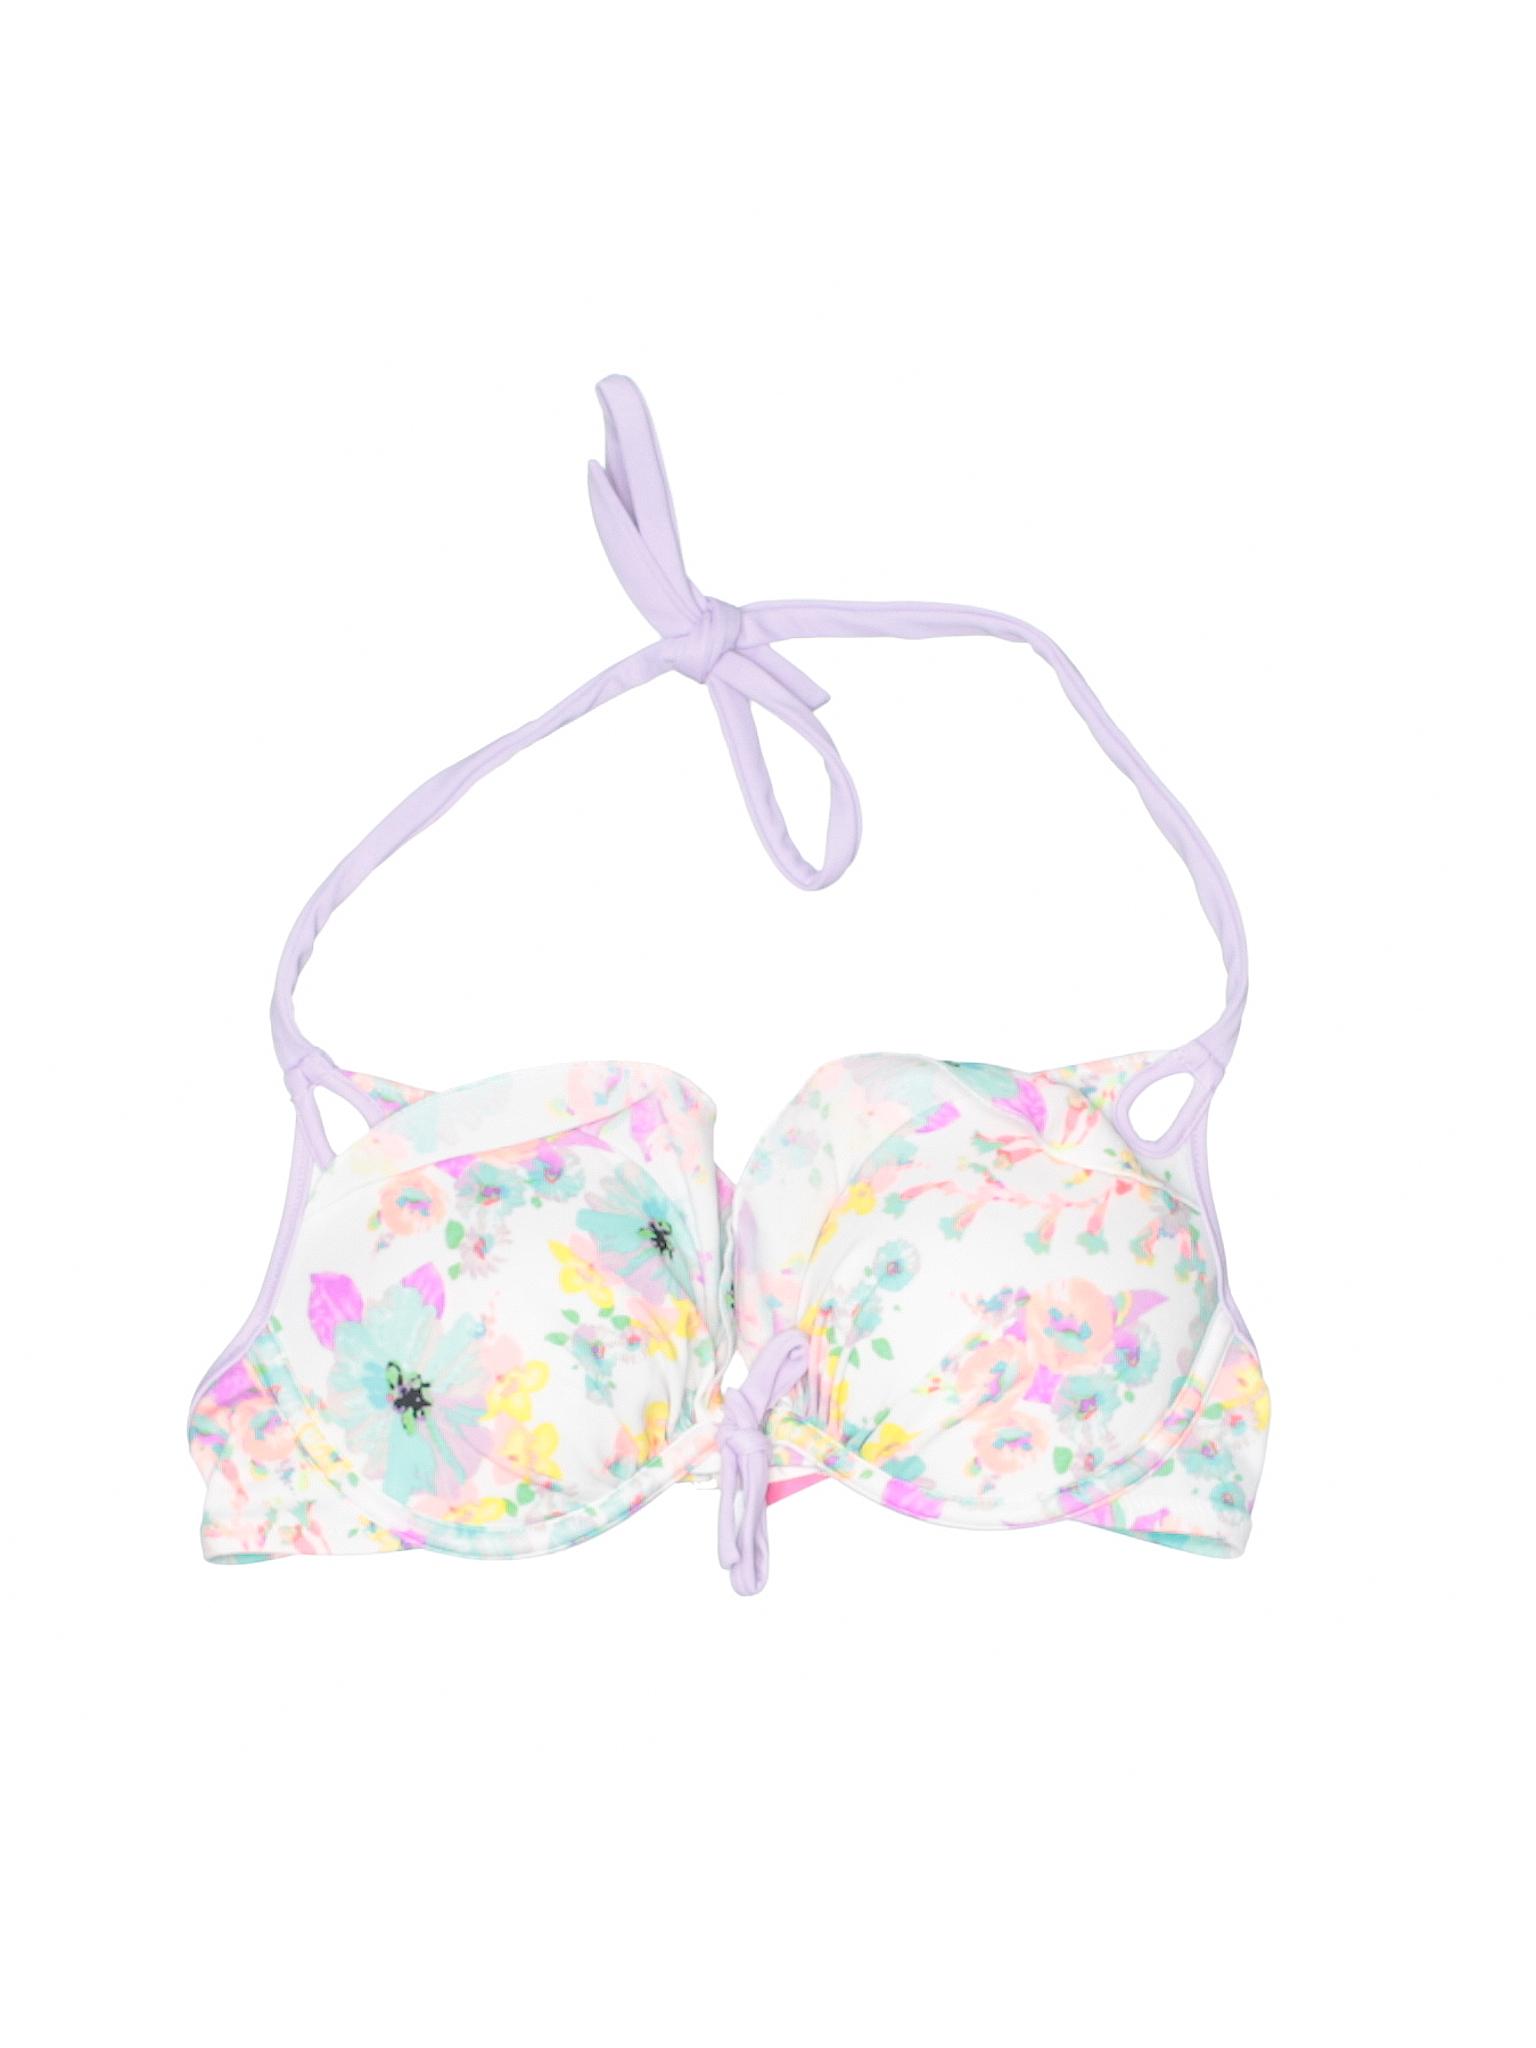 Victoria's Swimsuit Boutique Boutique Secret Secret Top Victoria's Swimsuit Top Boutique qAYSqcF